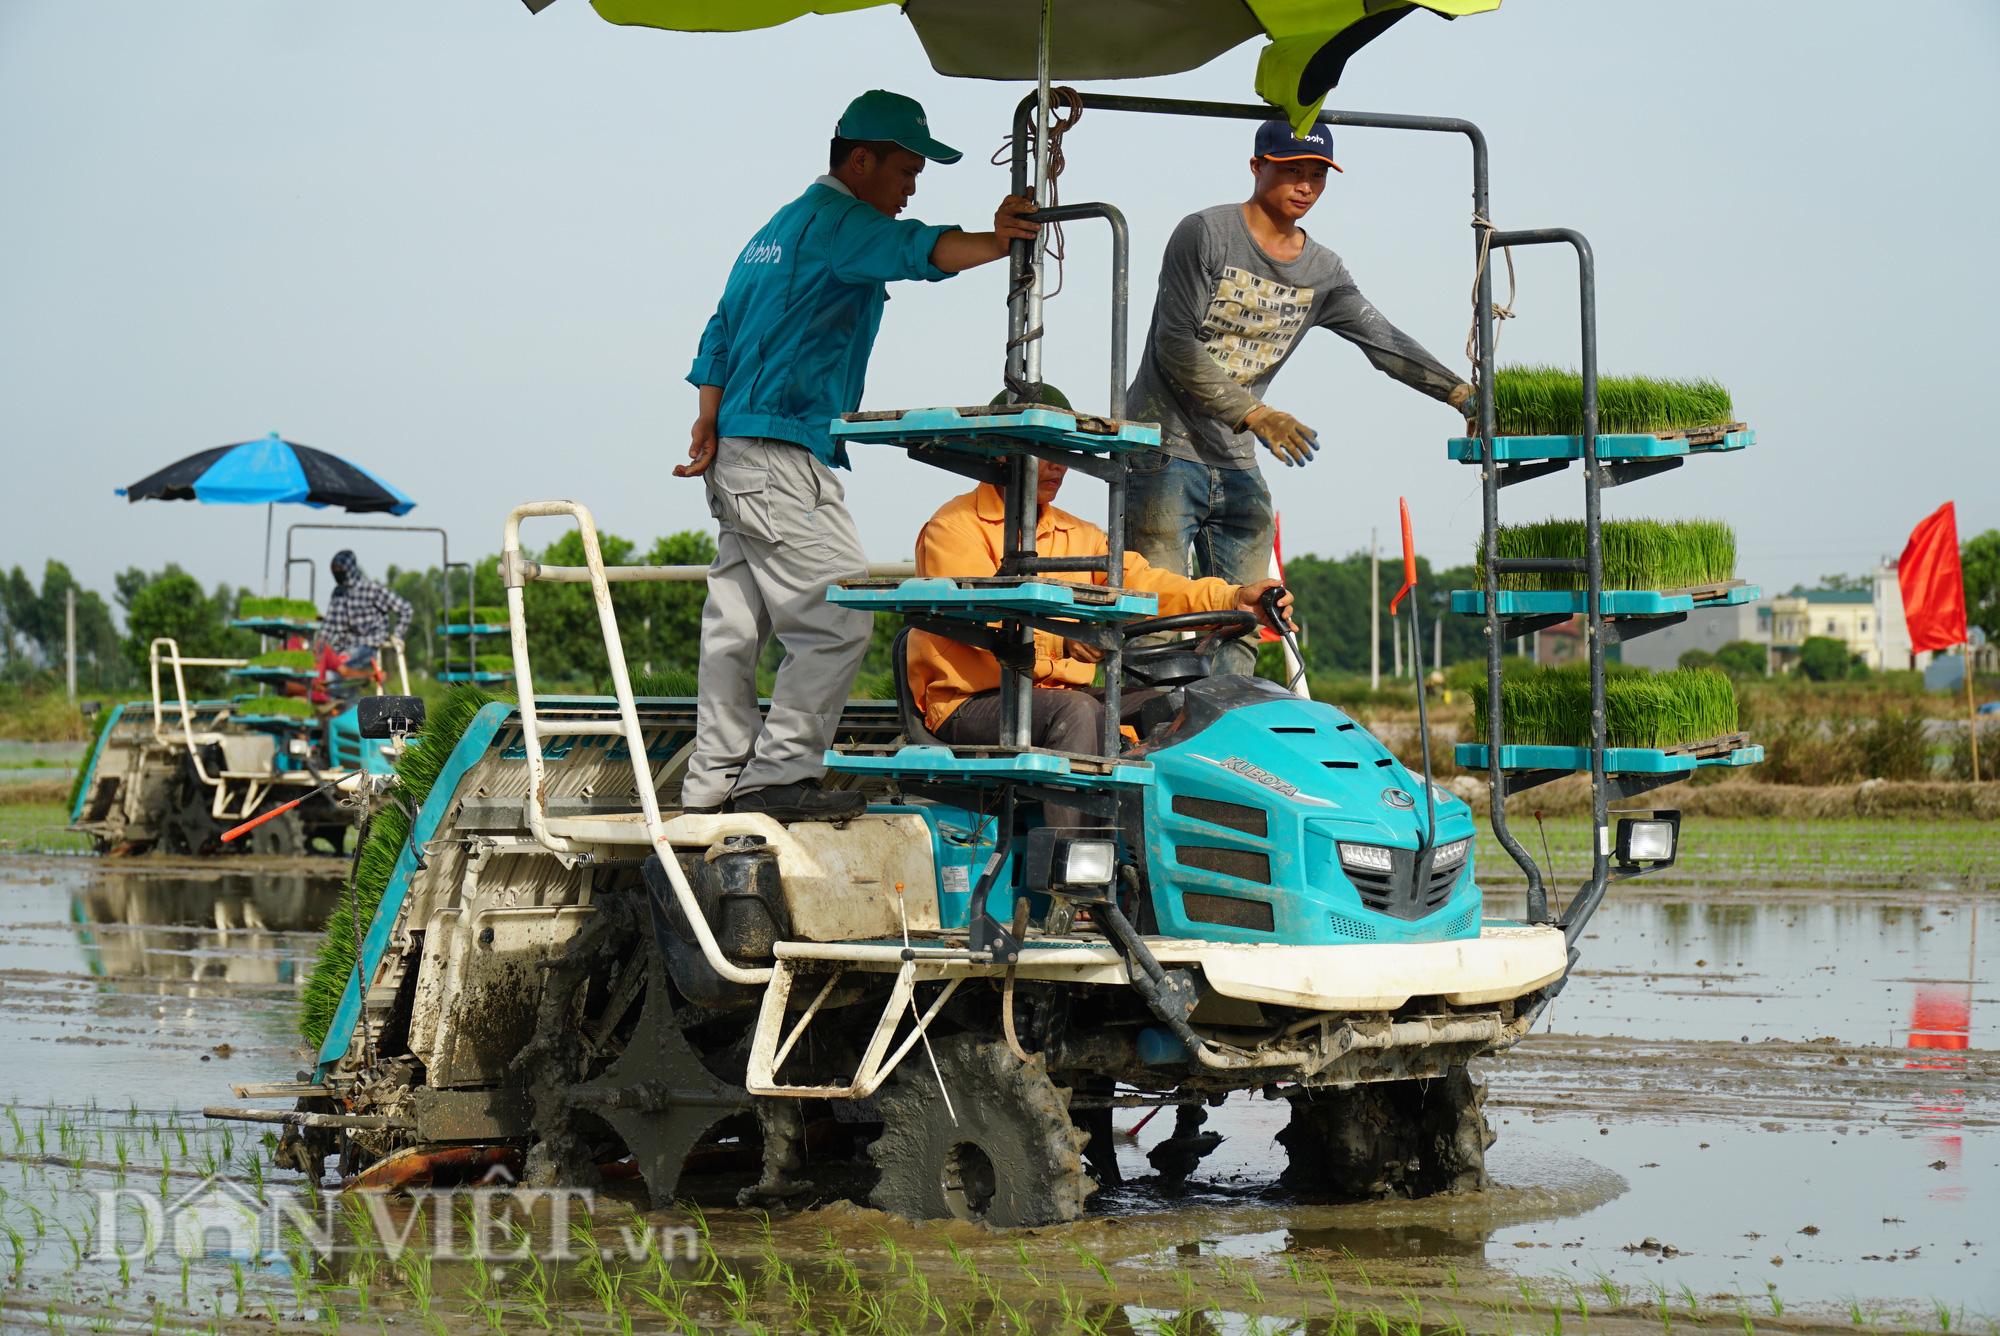 Hải Dương: Lần đầu tiên trình diễn máy cấy lúa trên đồng ruộng - Ảnh 9.